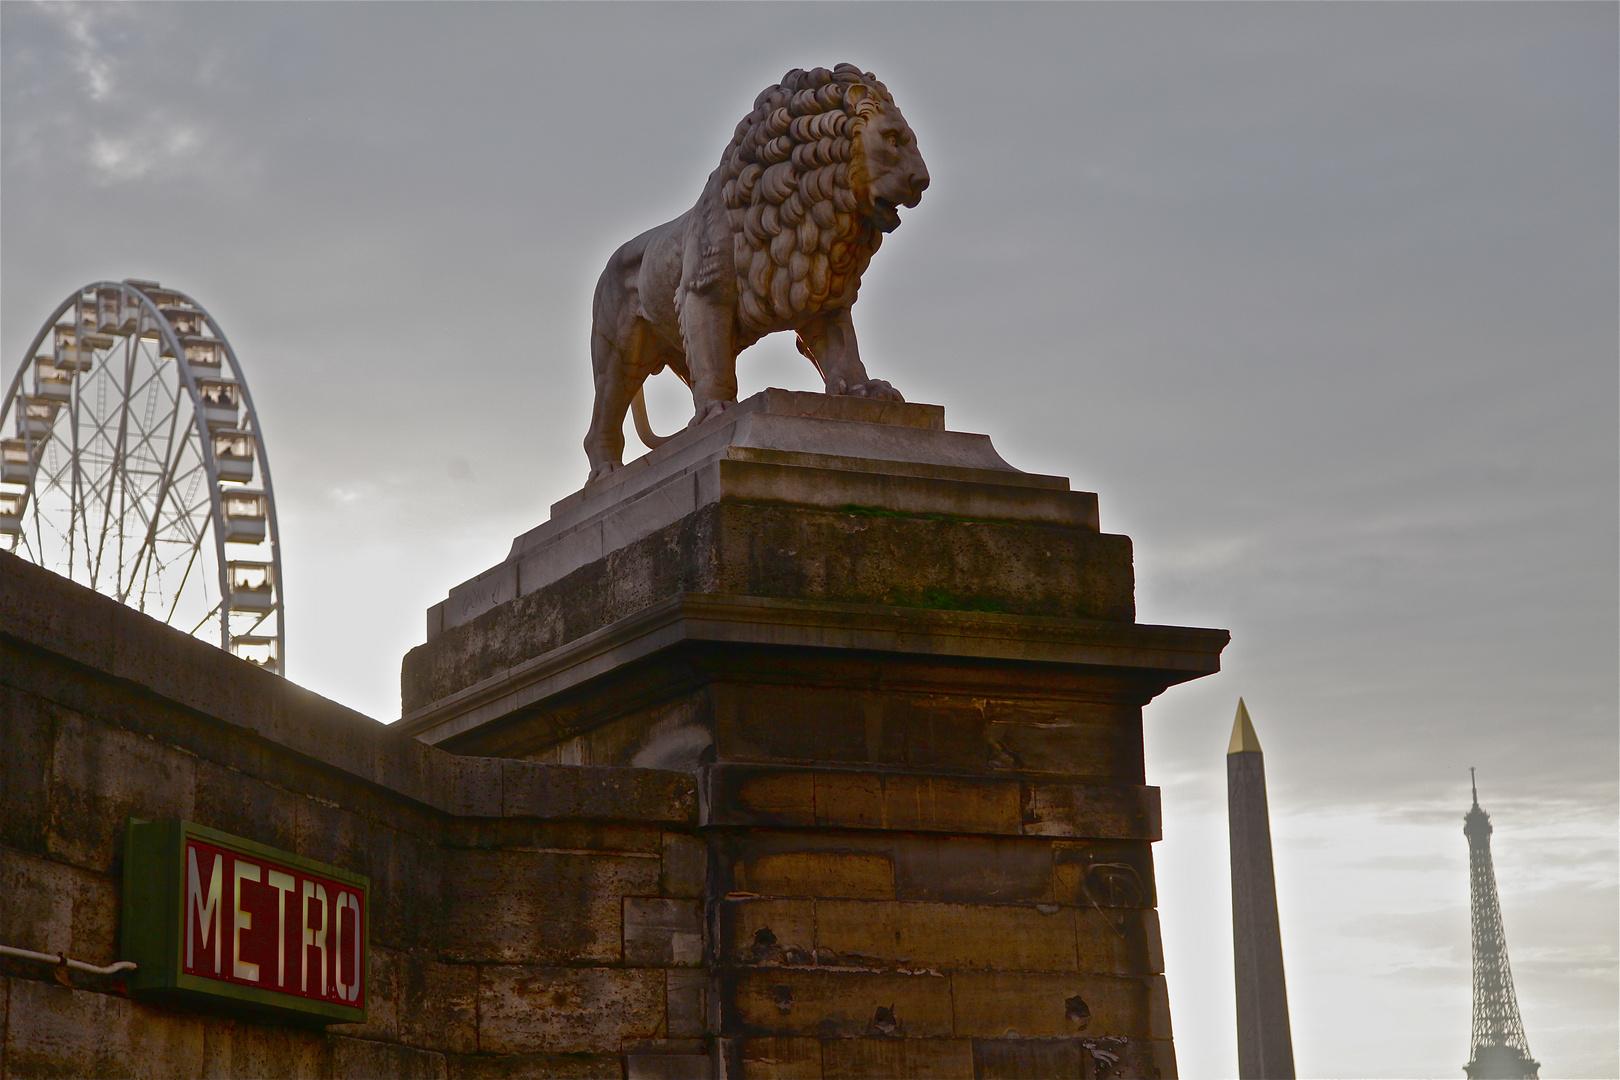 le lion fait la roue!